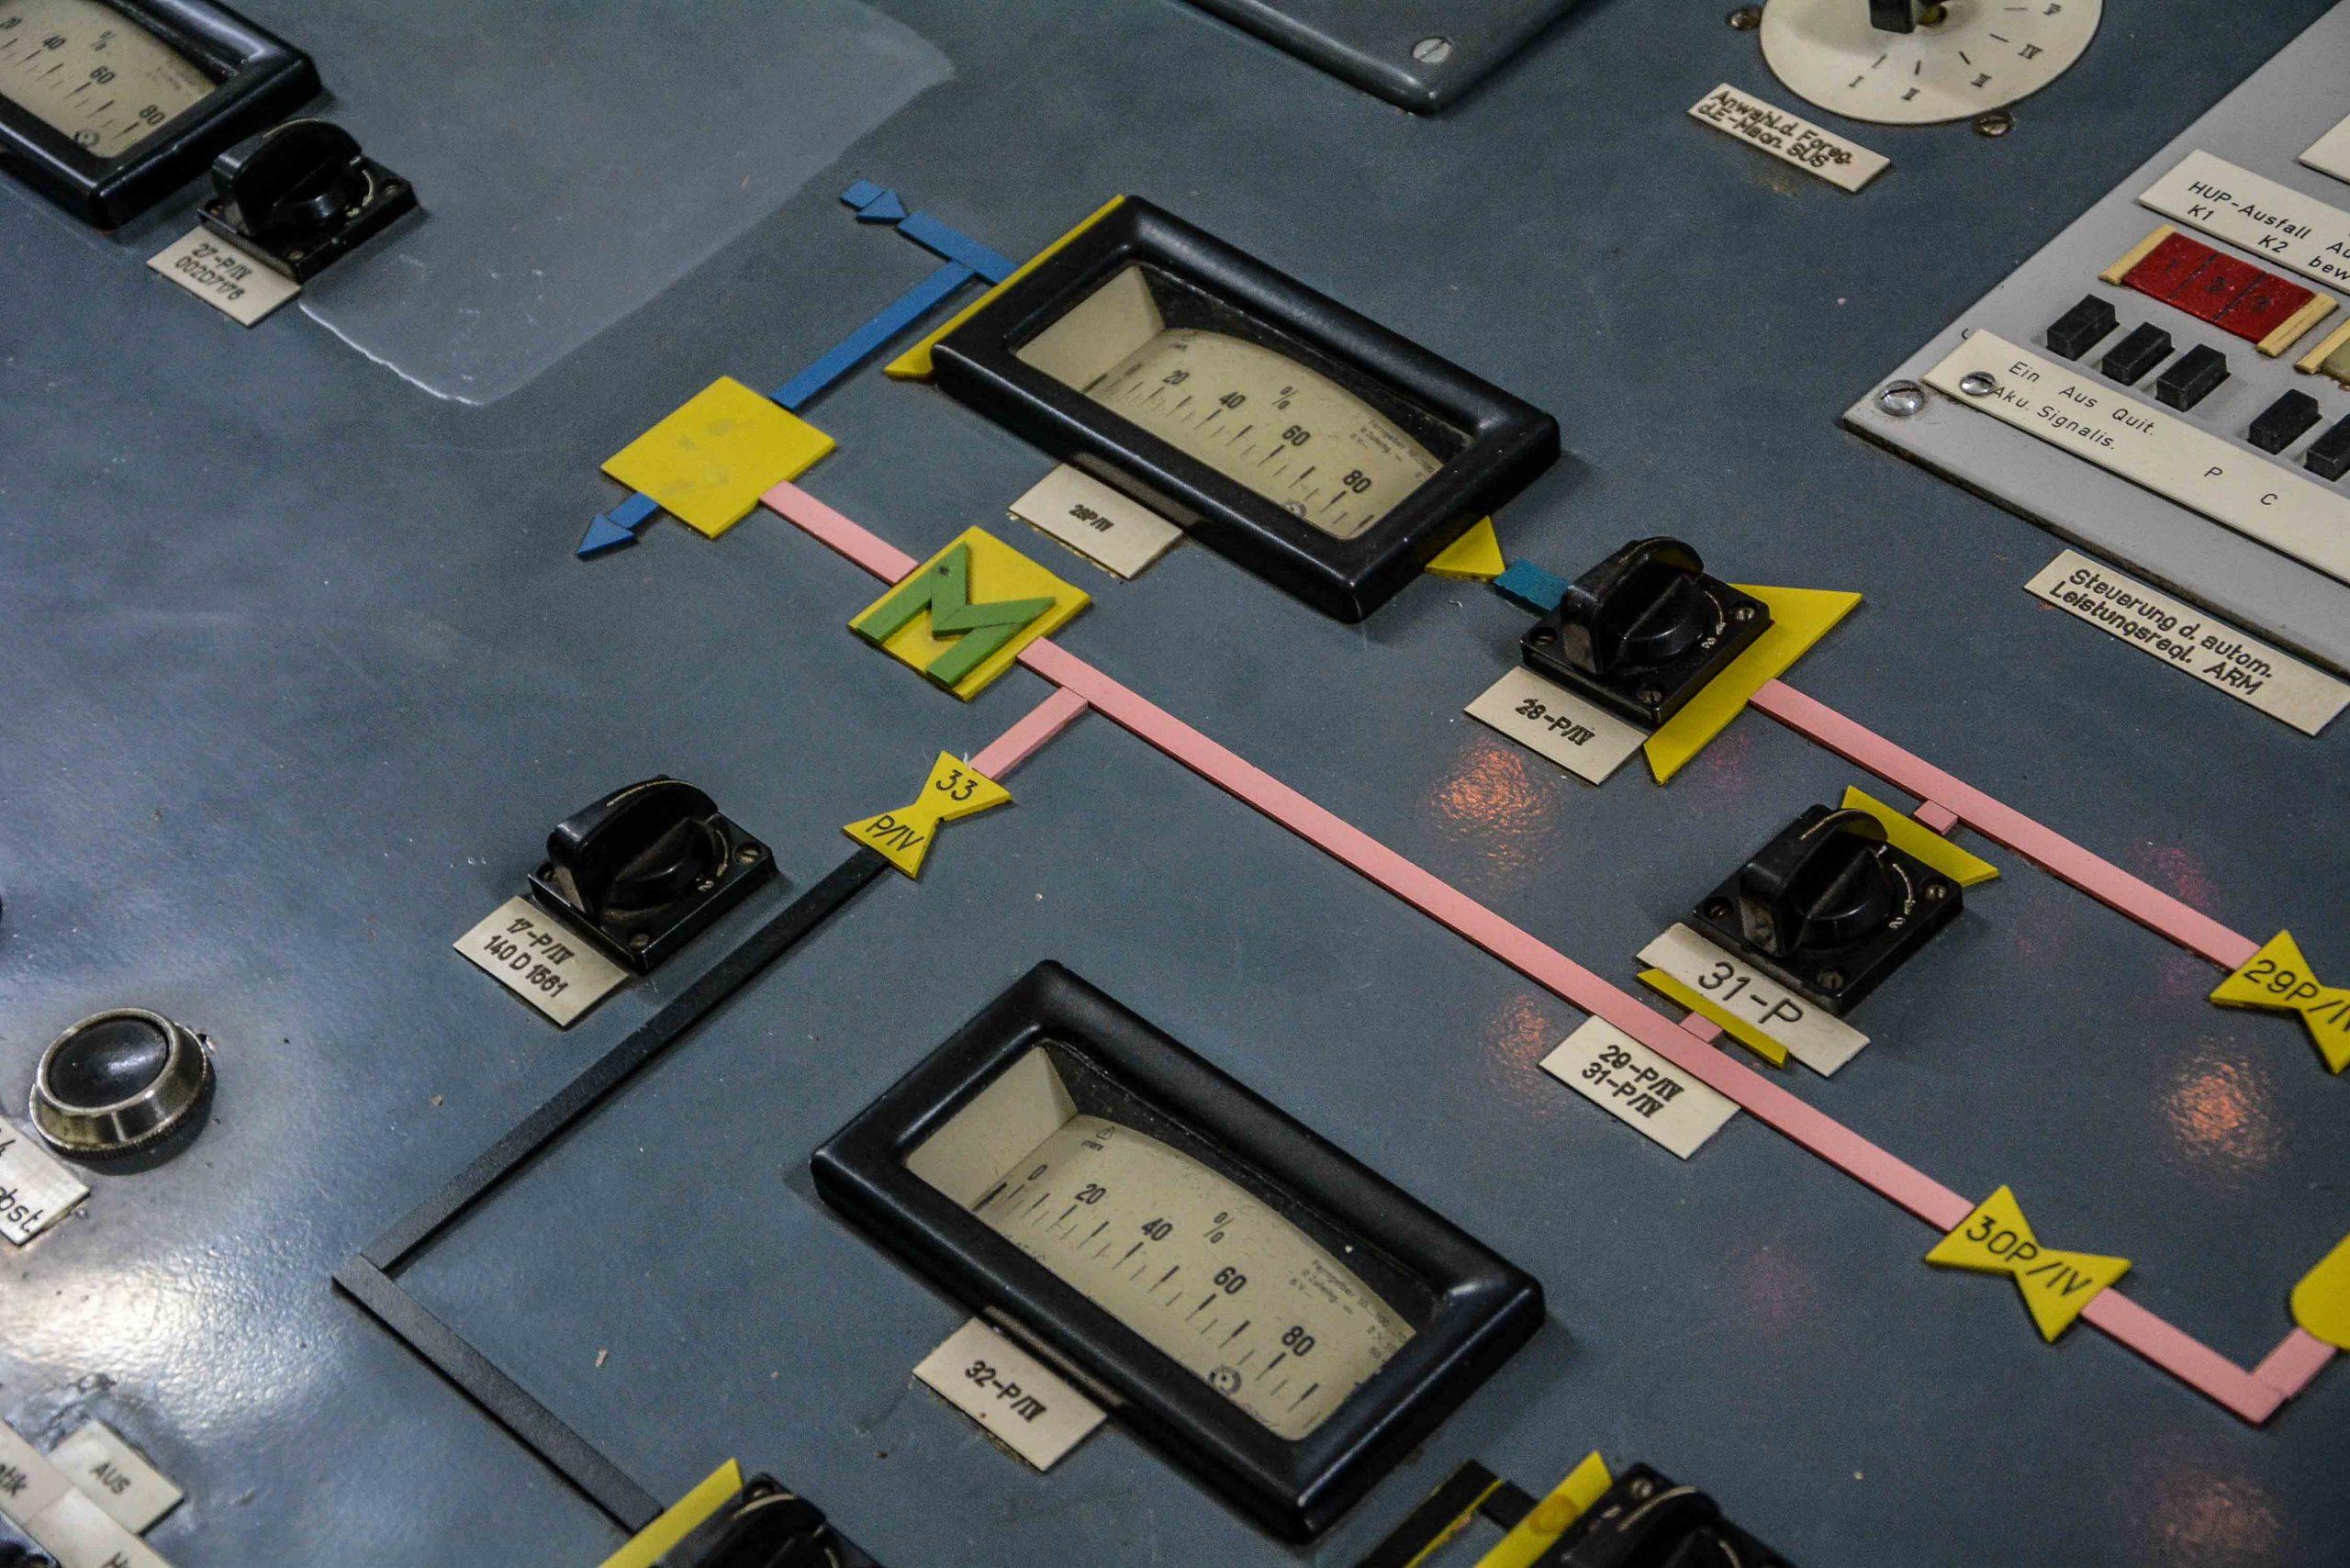 pumpen schalter anzeige nuclear reactor core innen ansicht nuklear reaktor kernkraftwerk greifswald nuclear powerplant ost deutschland east germany gdr DDR mecklenburg vorpommern